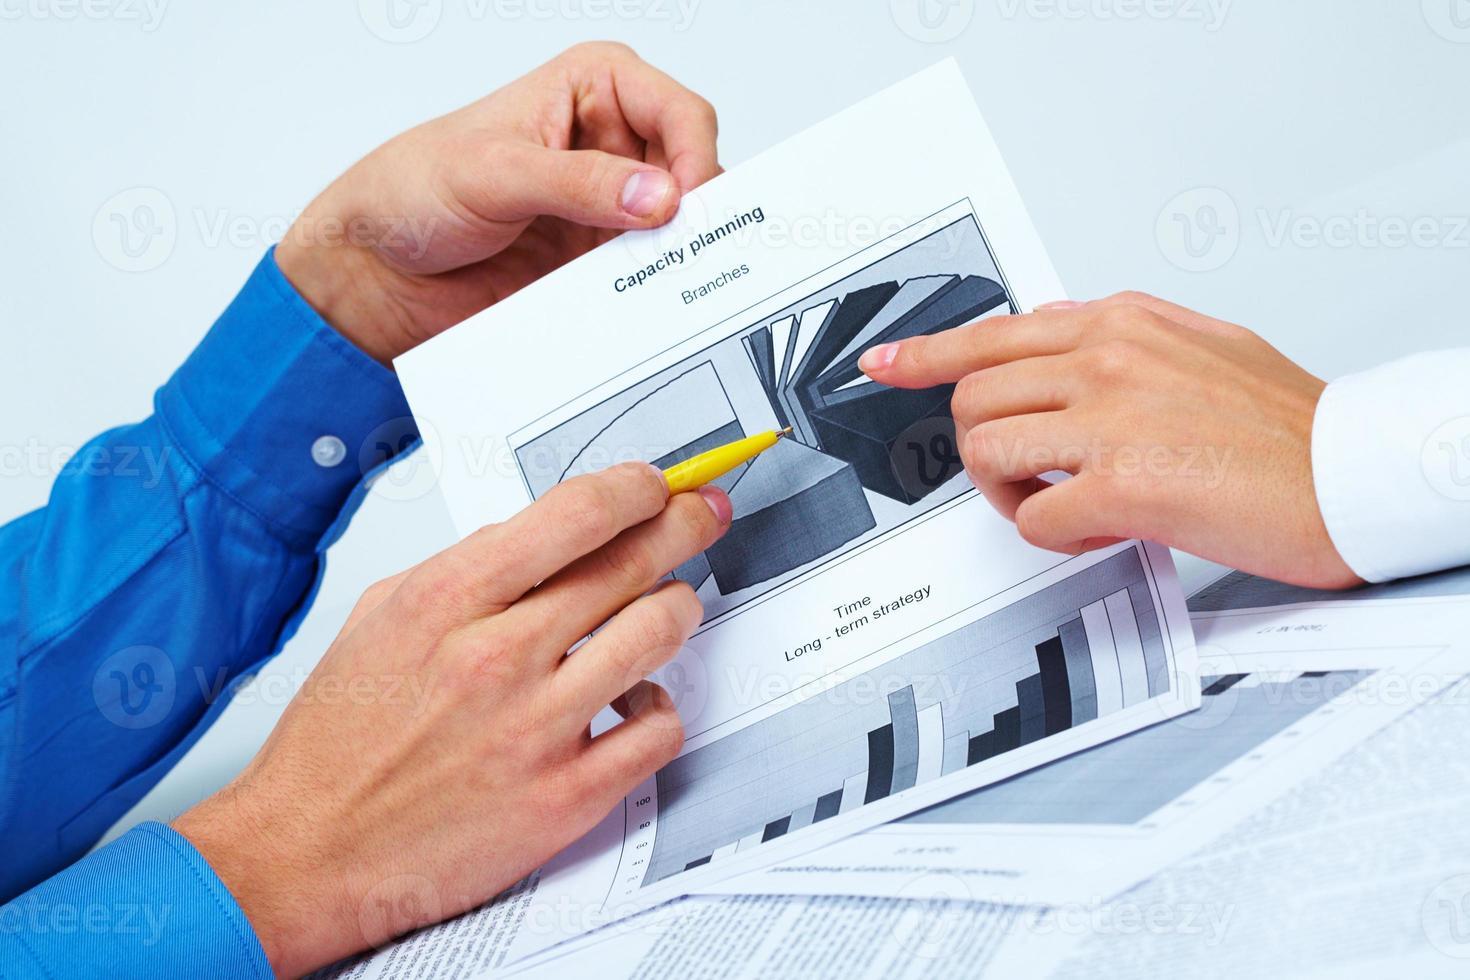 papierwerk foto